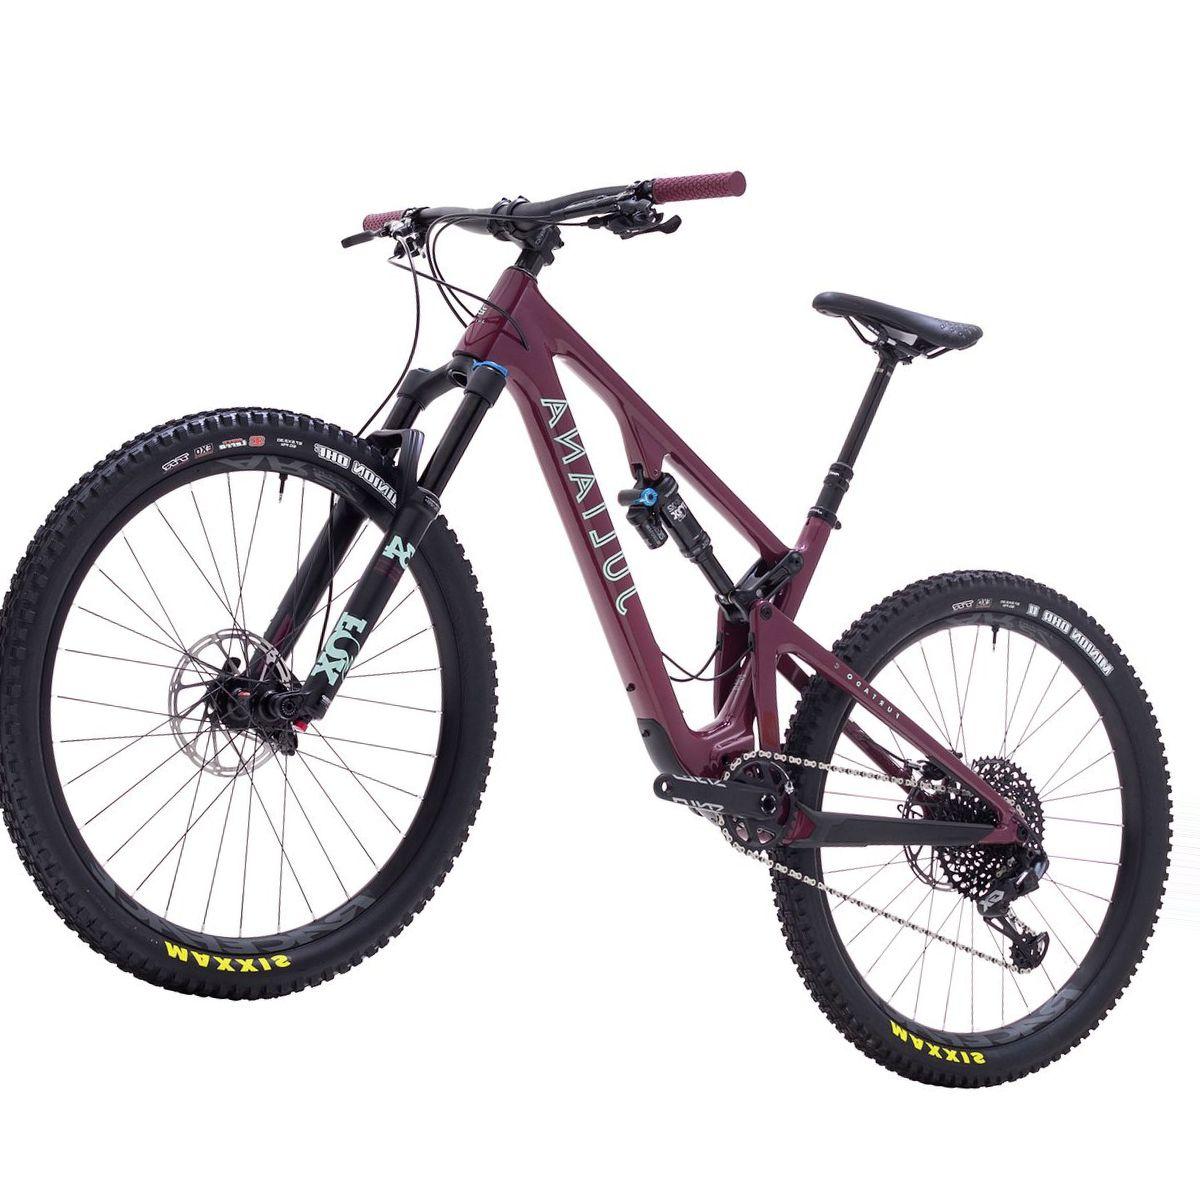 Juliana Furtado Carbon 27.5 S Mountain Bike - Women's